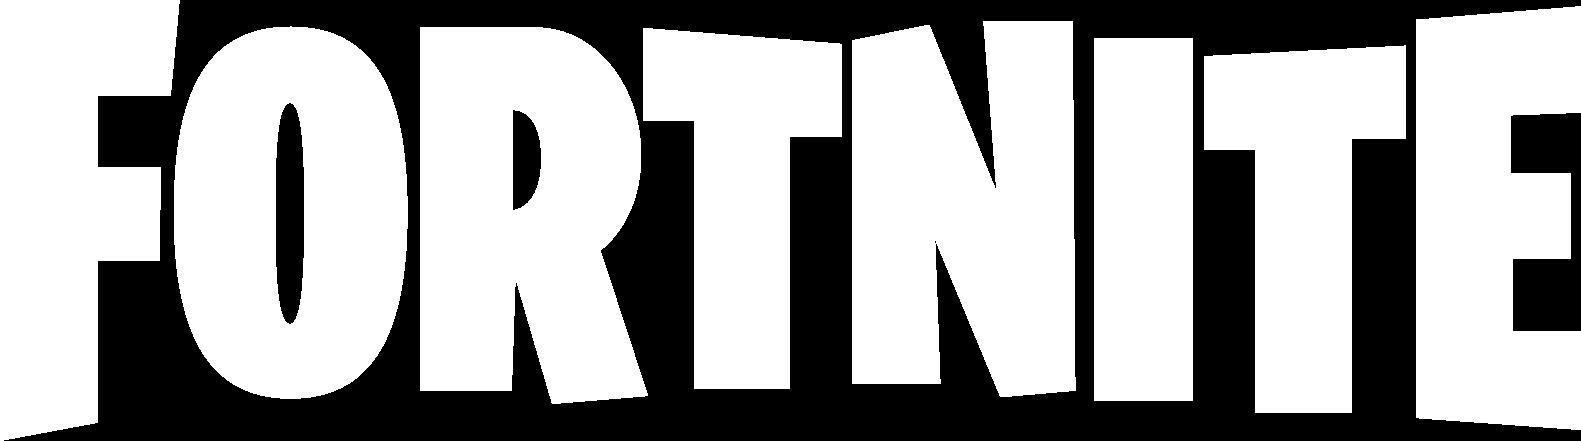 Fortnite PNG, Fortnite Logo, Fortnite Characters And Skins.